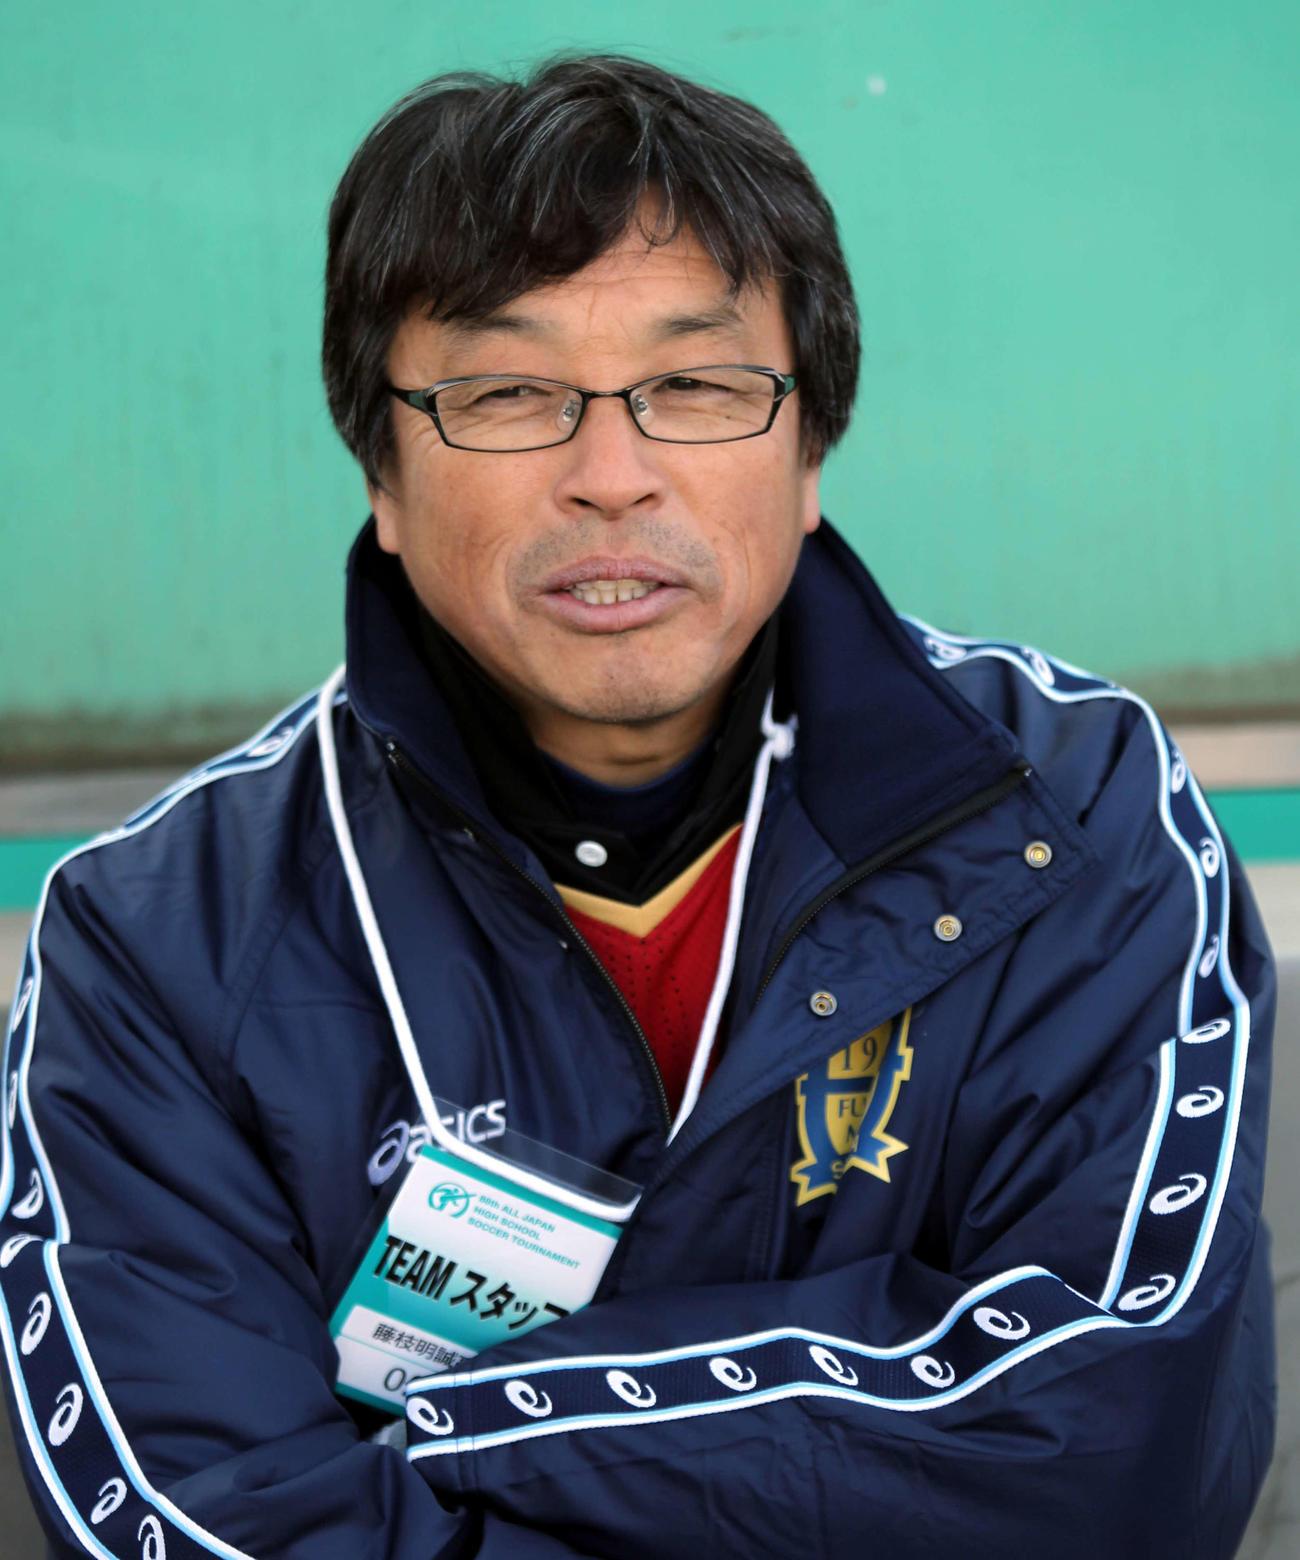 10年1月、全国高校選手権の国見戦で笑顔を見せる藤枝明誠・田村監督